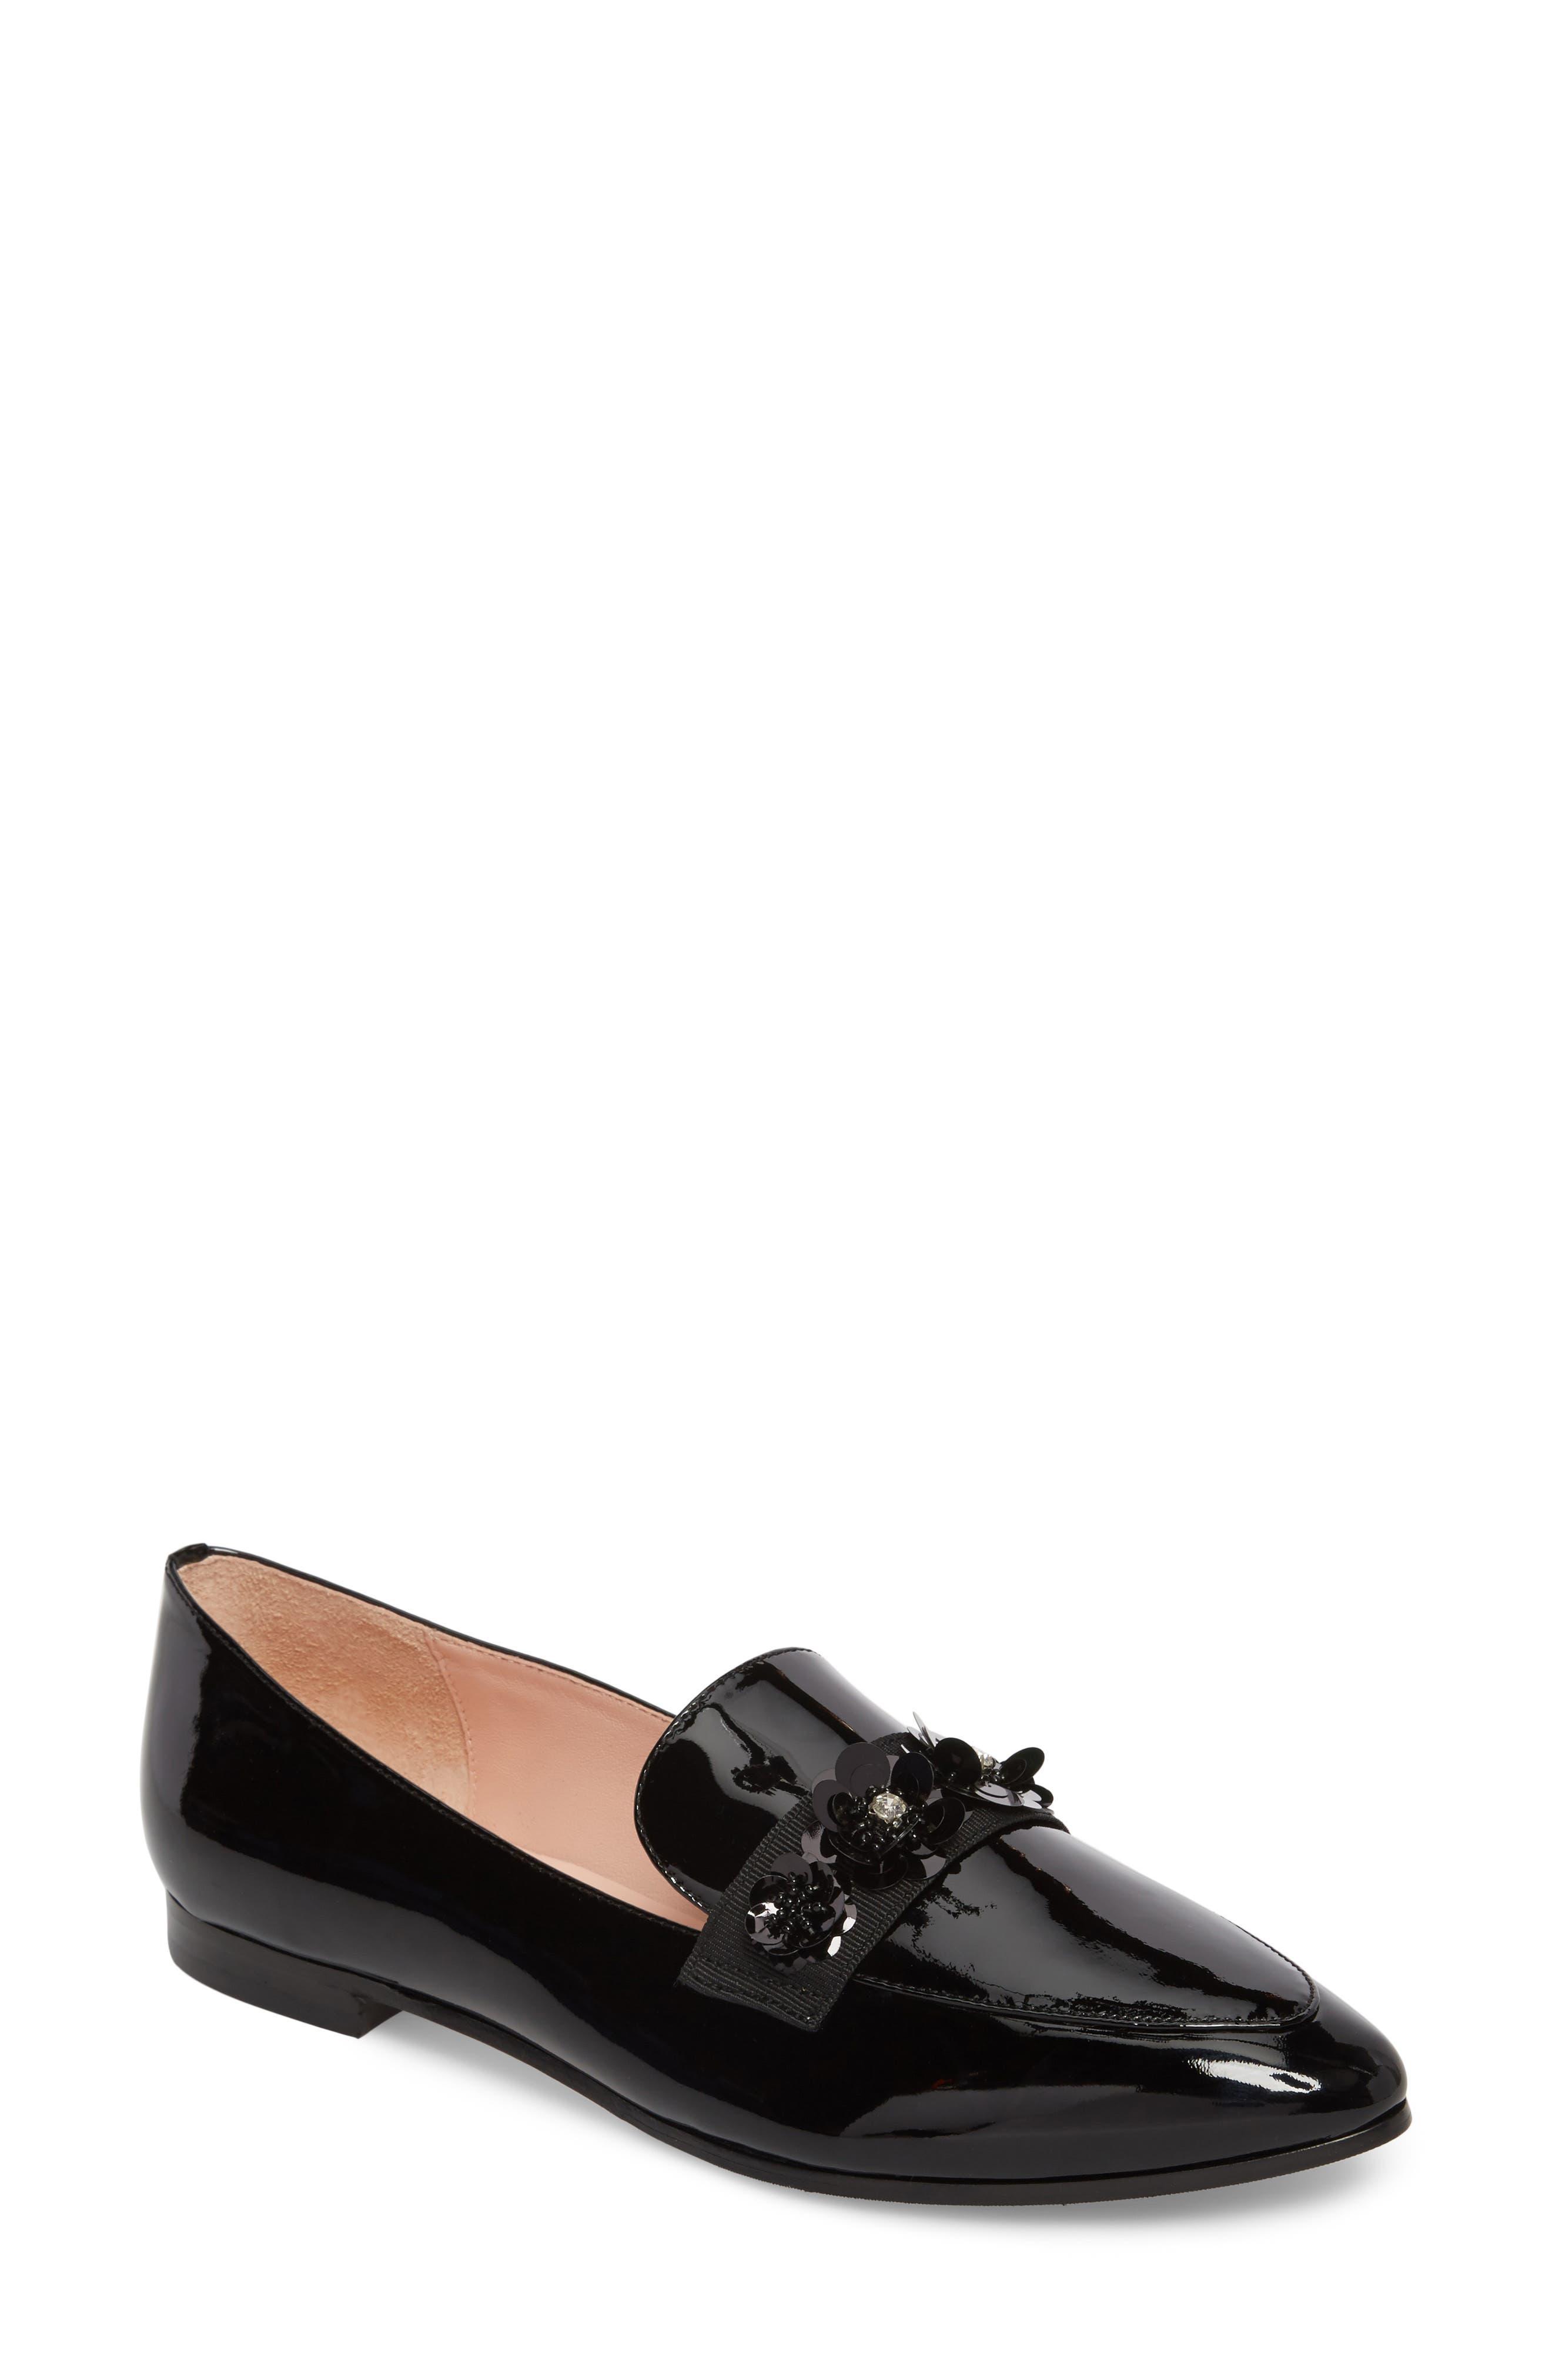 Alternate Image 1 Selected - kate spade new york cleo embellished loafer (Women)